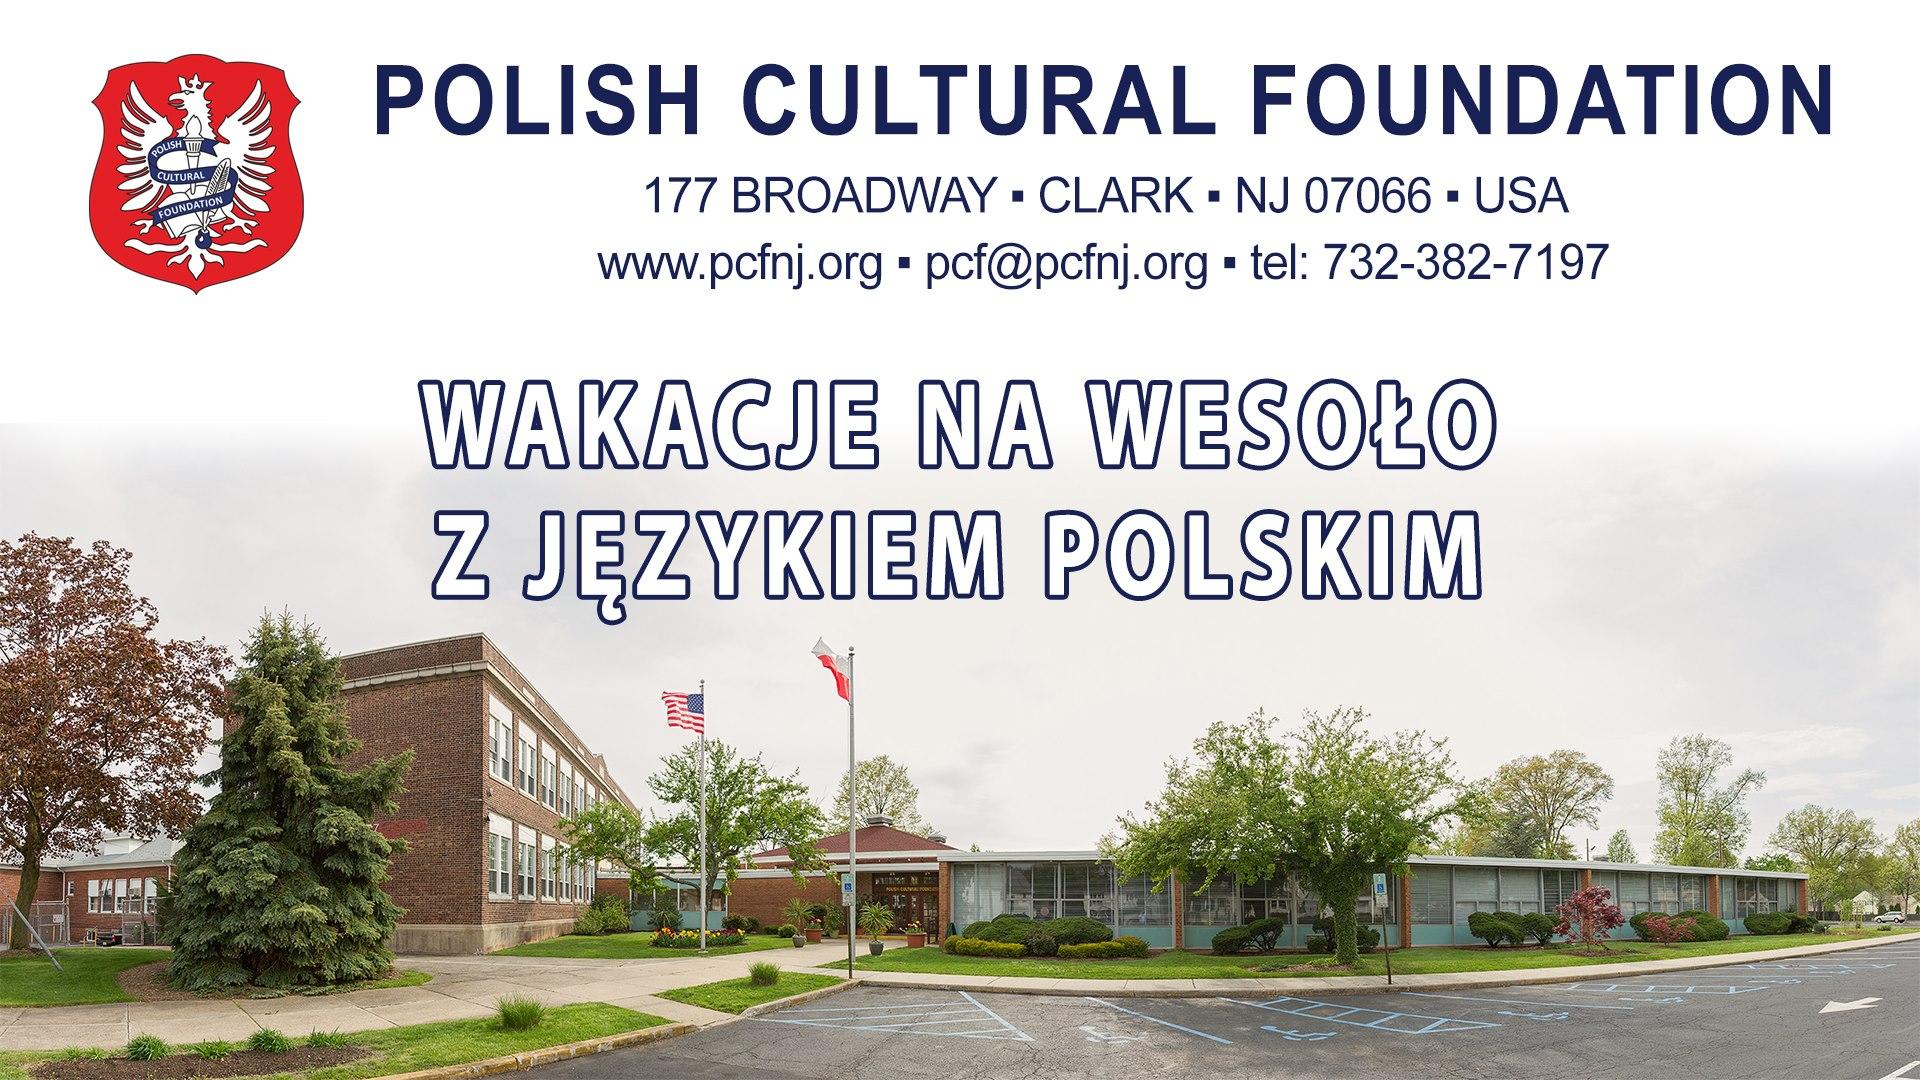 Polska Fundacja Kulturalna zaprasza na wakacje na wesoło z językiem polskim